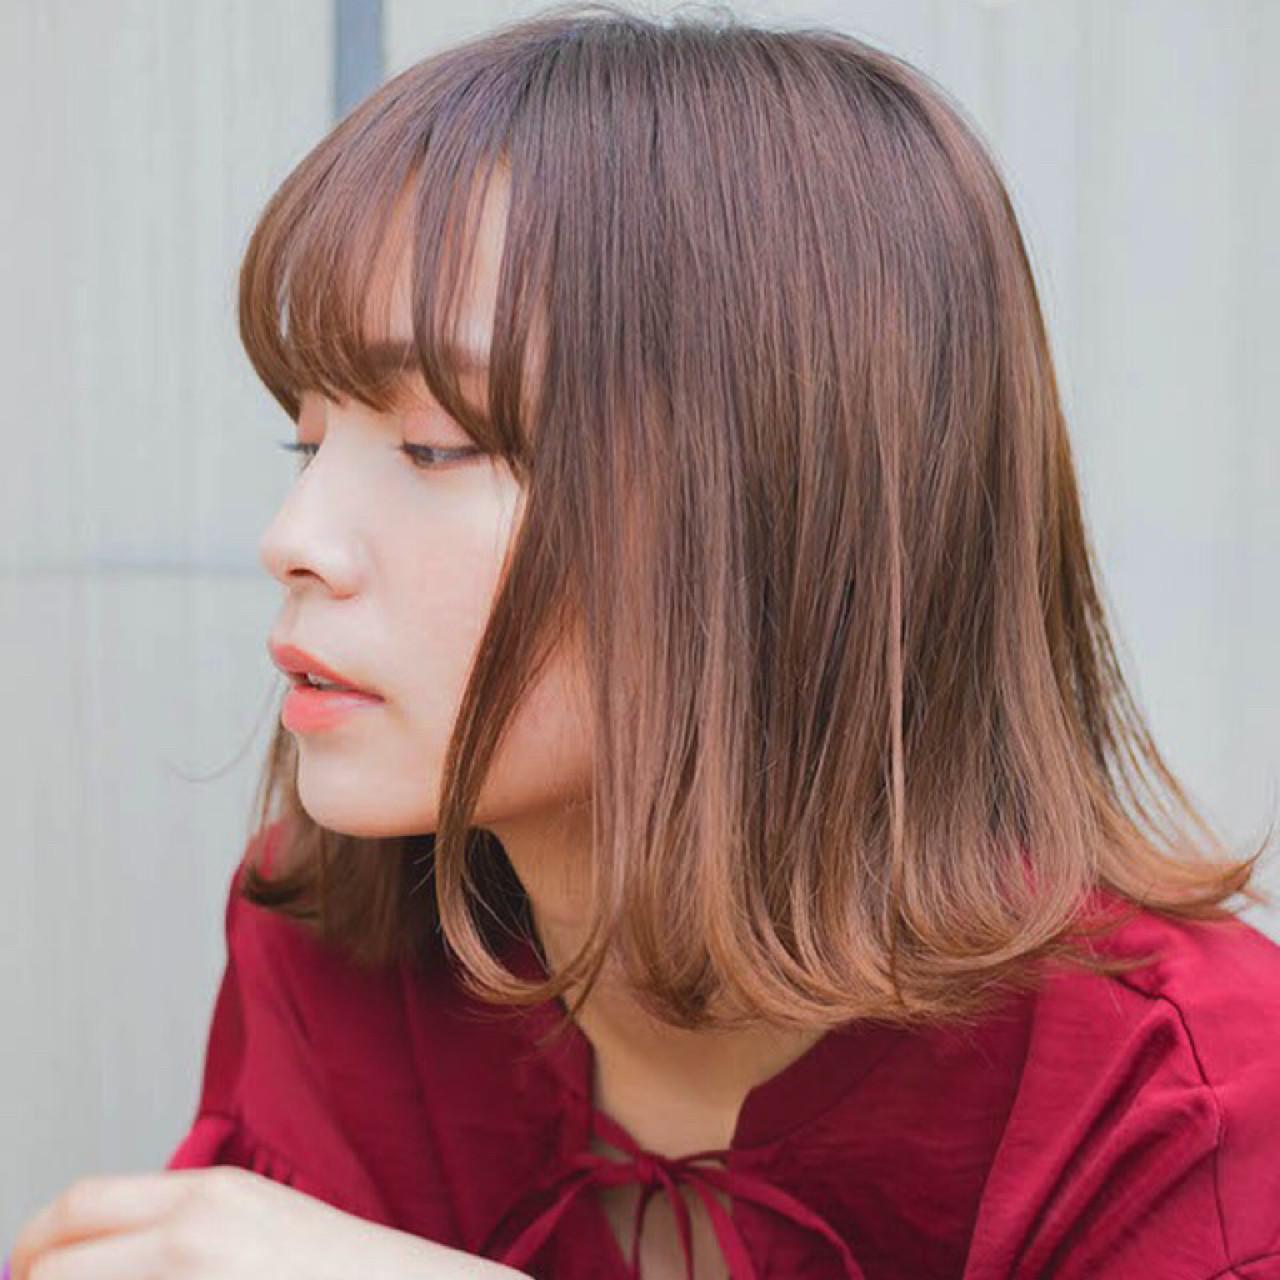 ナチュラル 大人かわいい 前髪あり デート ヘアスタイルや髪型の写真・画像 | 竹澤 優/relian青山Top stylist / relian青山